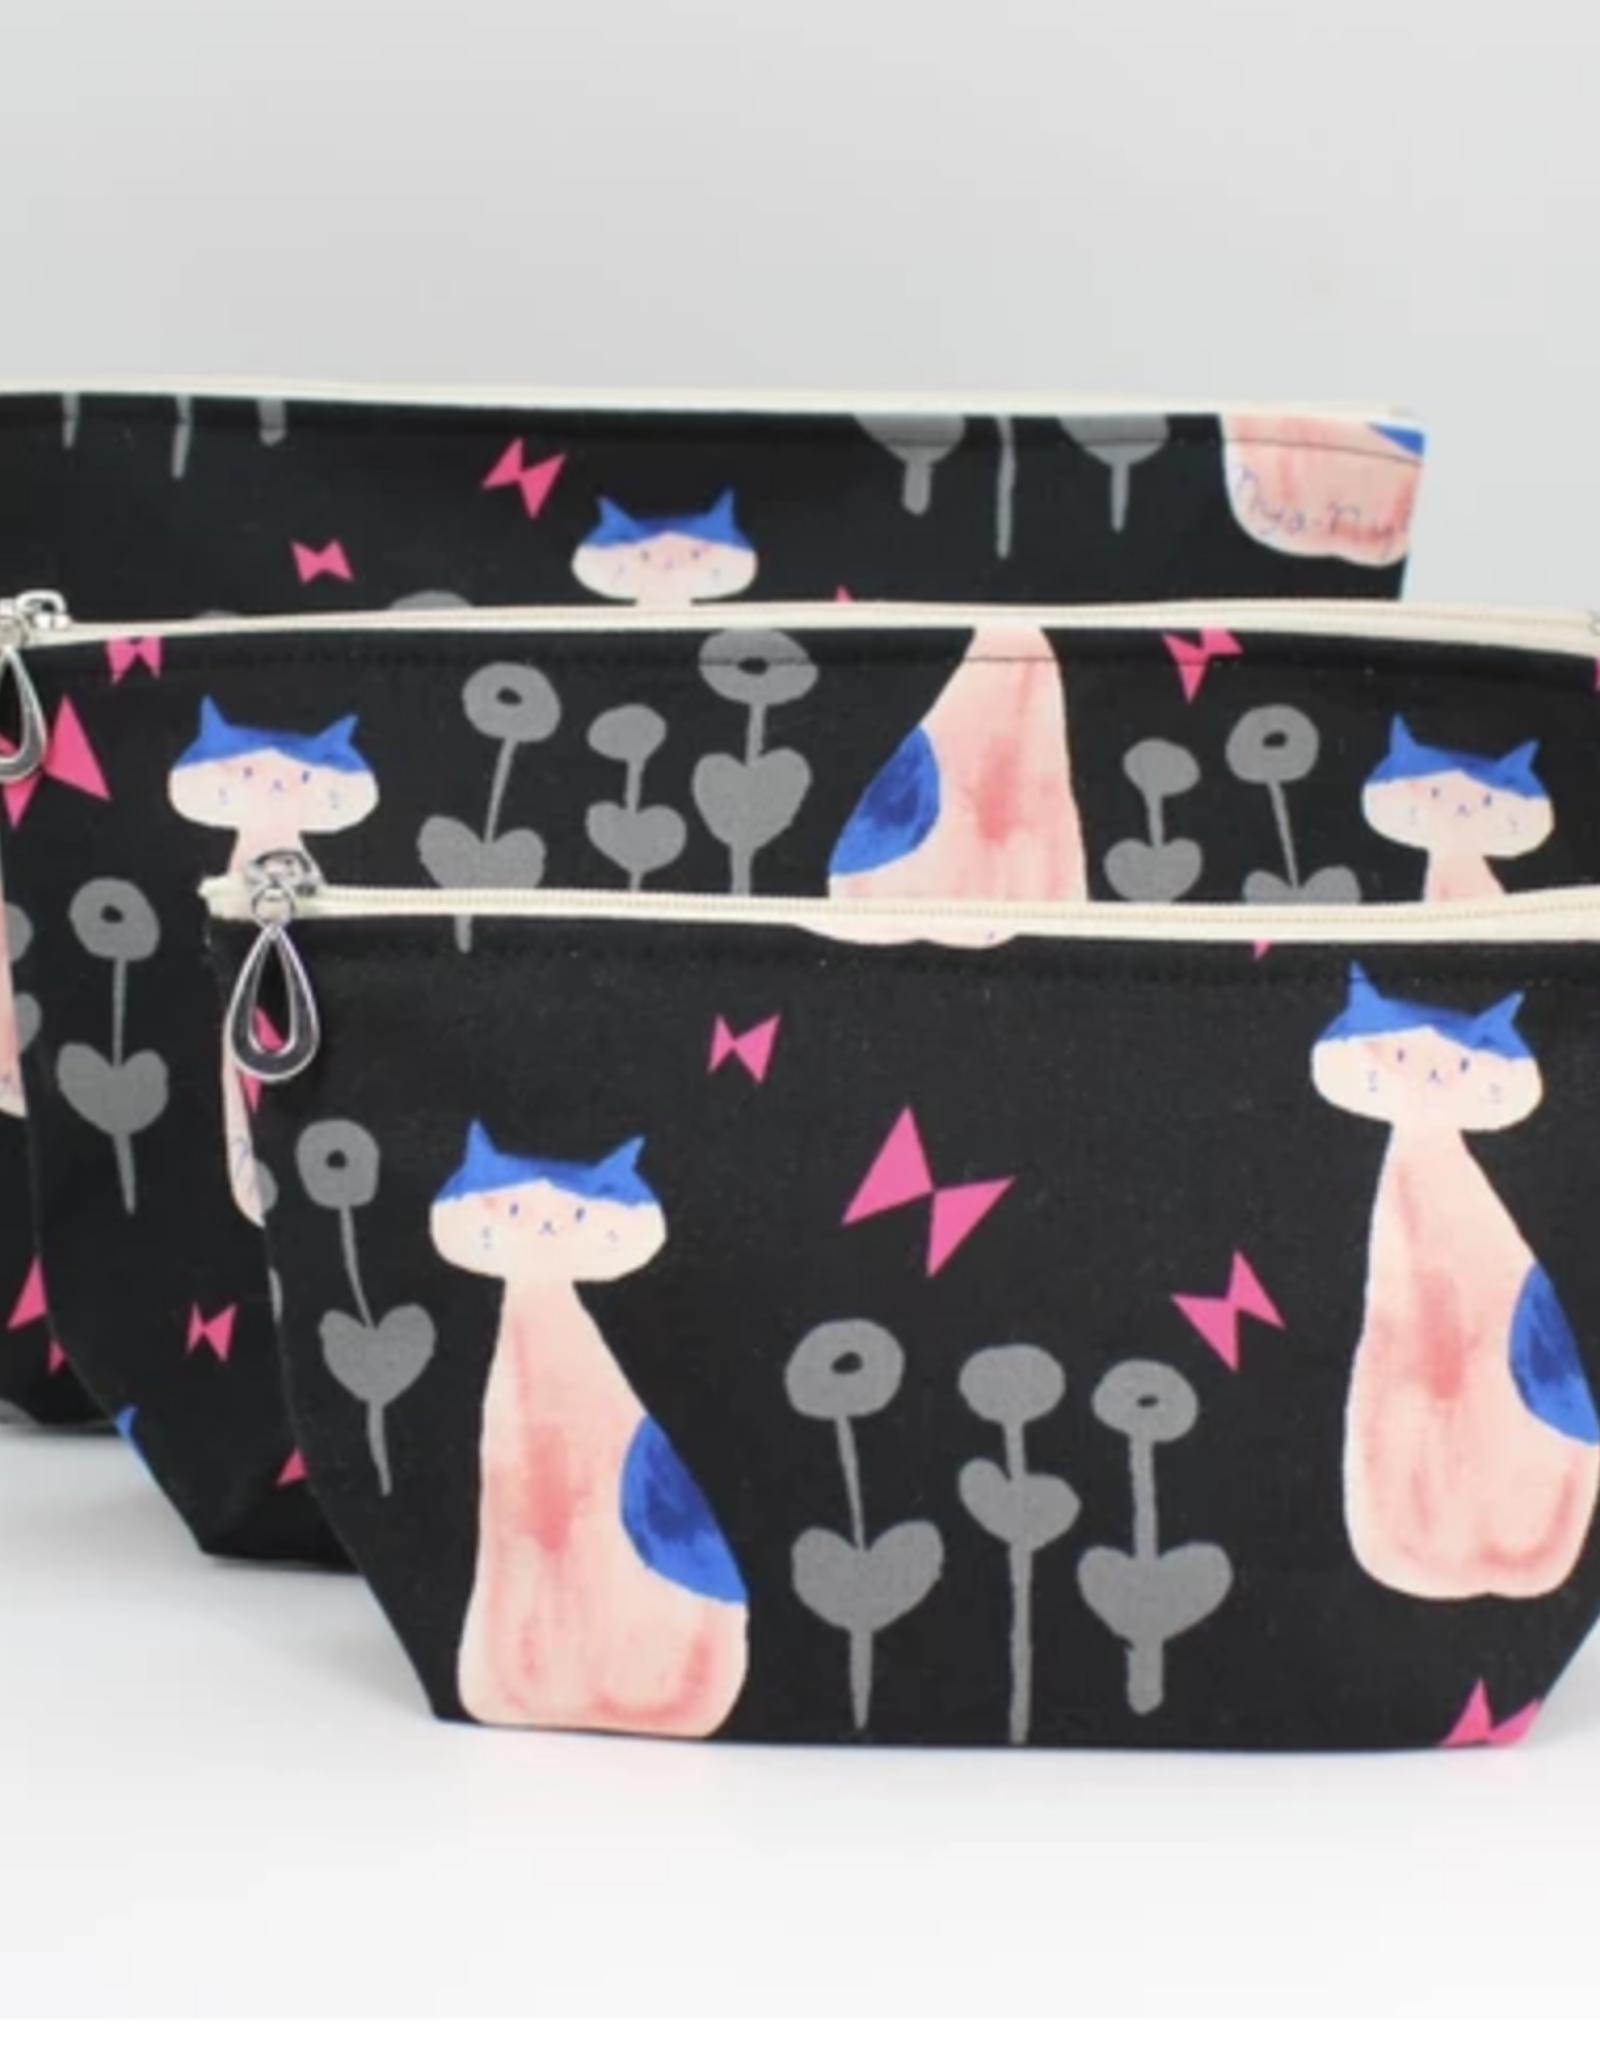 Dana Herbert Accessories Cosmetic Bag Medium : Pink & Black Cat